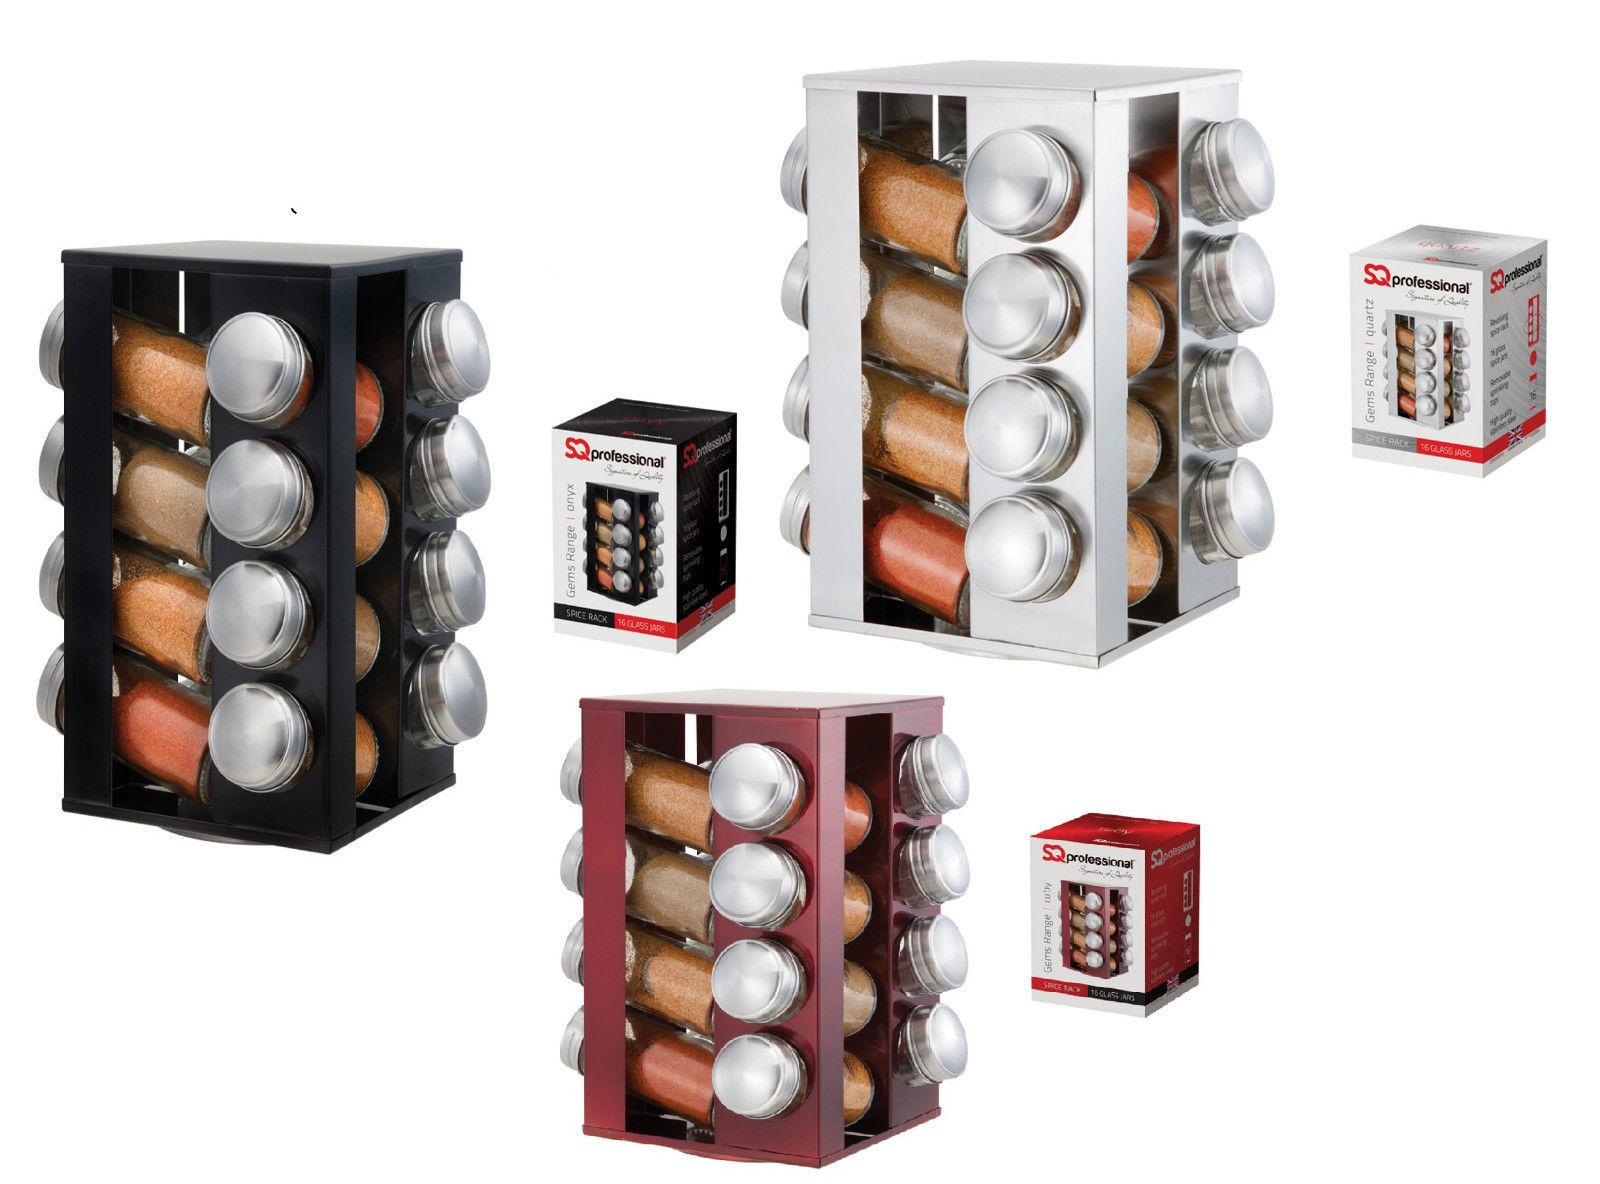 Verre en acier inoxydable 16 bocal à épices Carrousel à épices rougeatif stand avec couvercle Carrousel